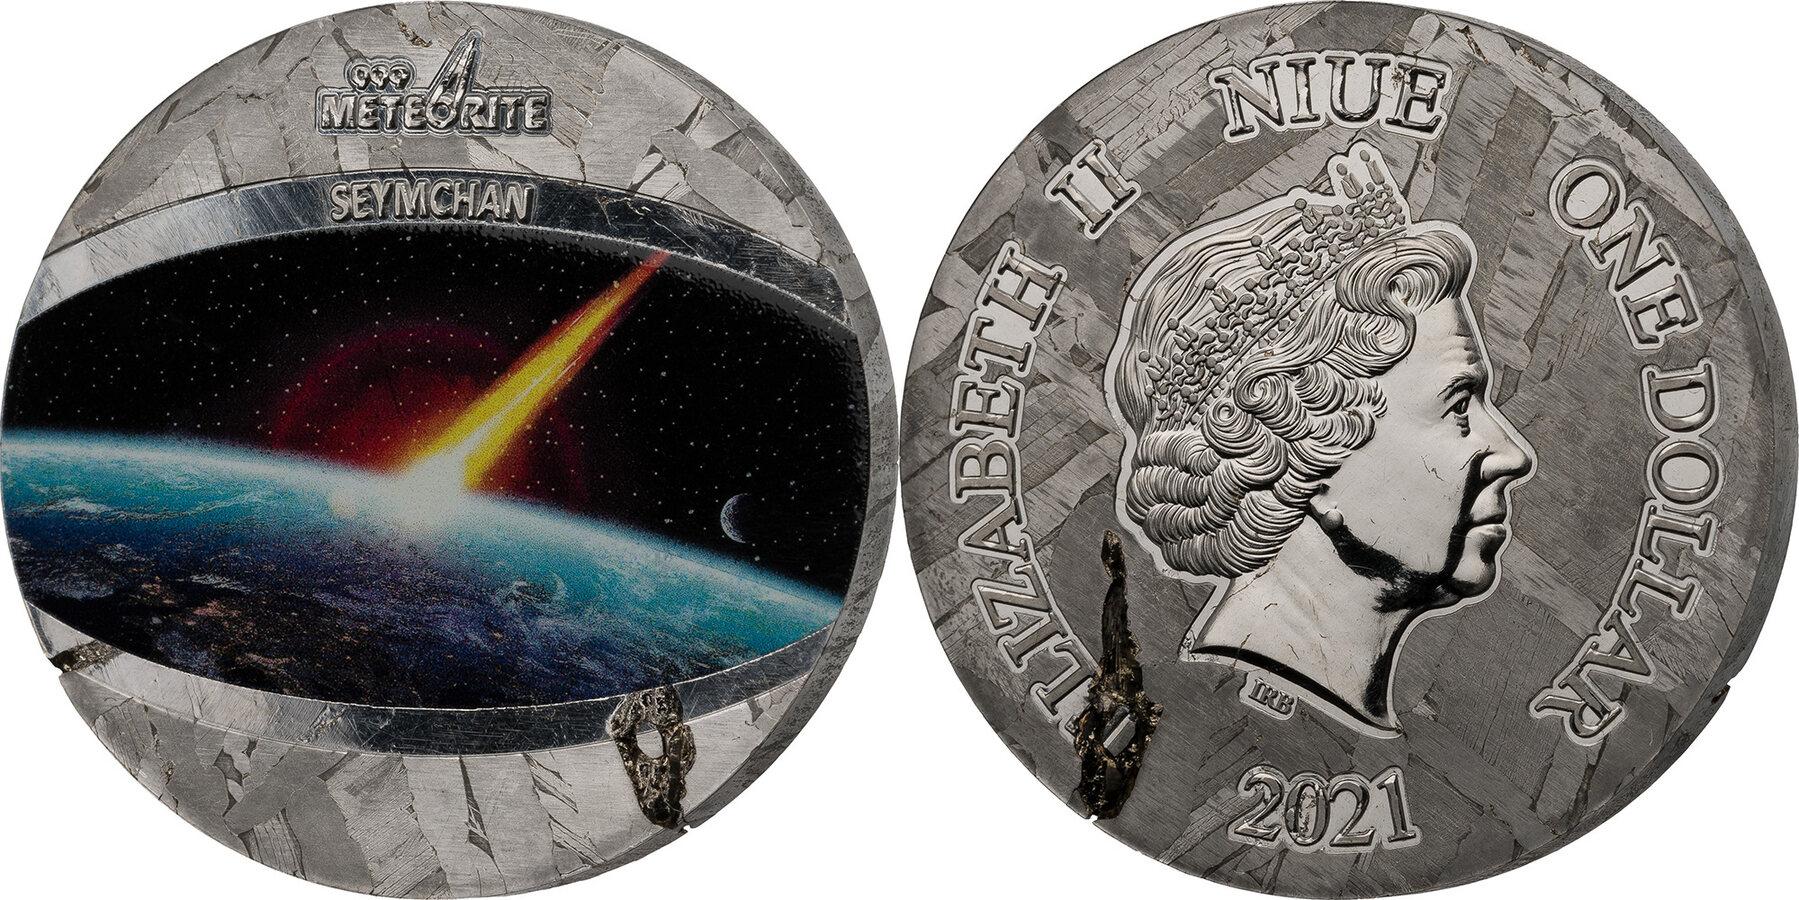 niue-2021-meteorite-seymchan